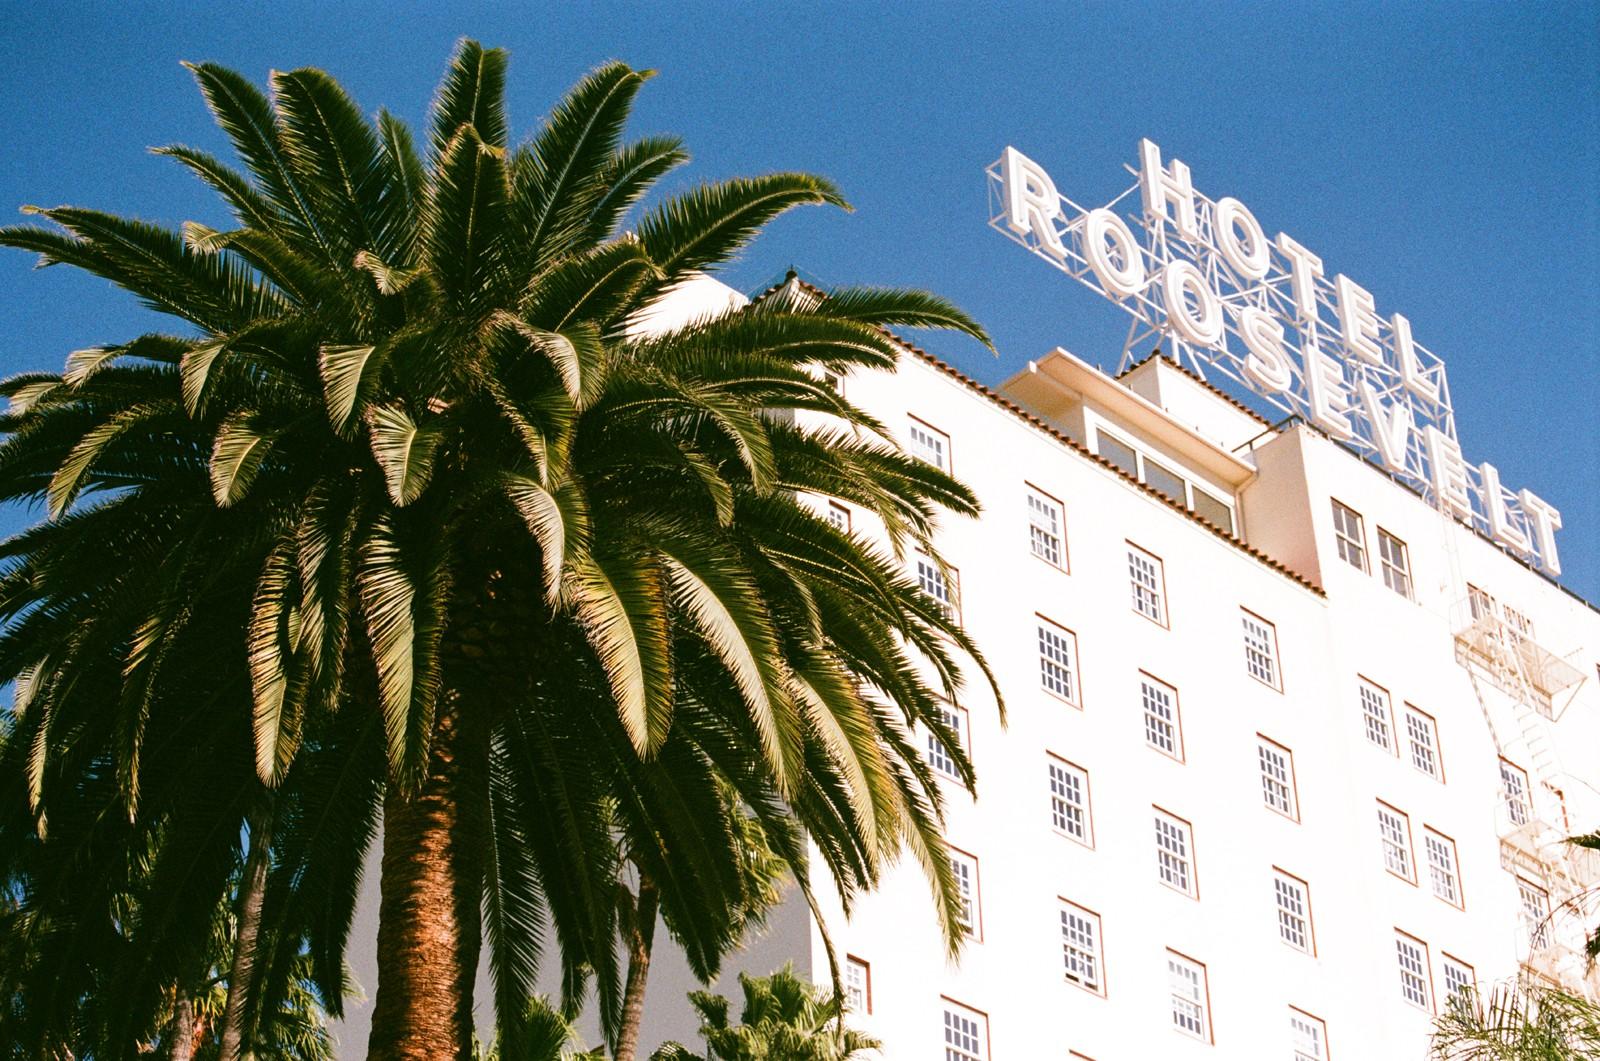 Fachada do The Hollywood Roosevelt (Foto: Preferred Hotels & Resorts / Divulgação)